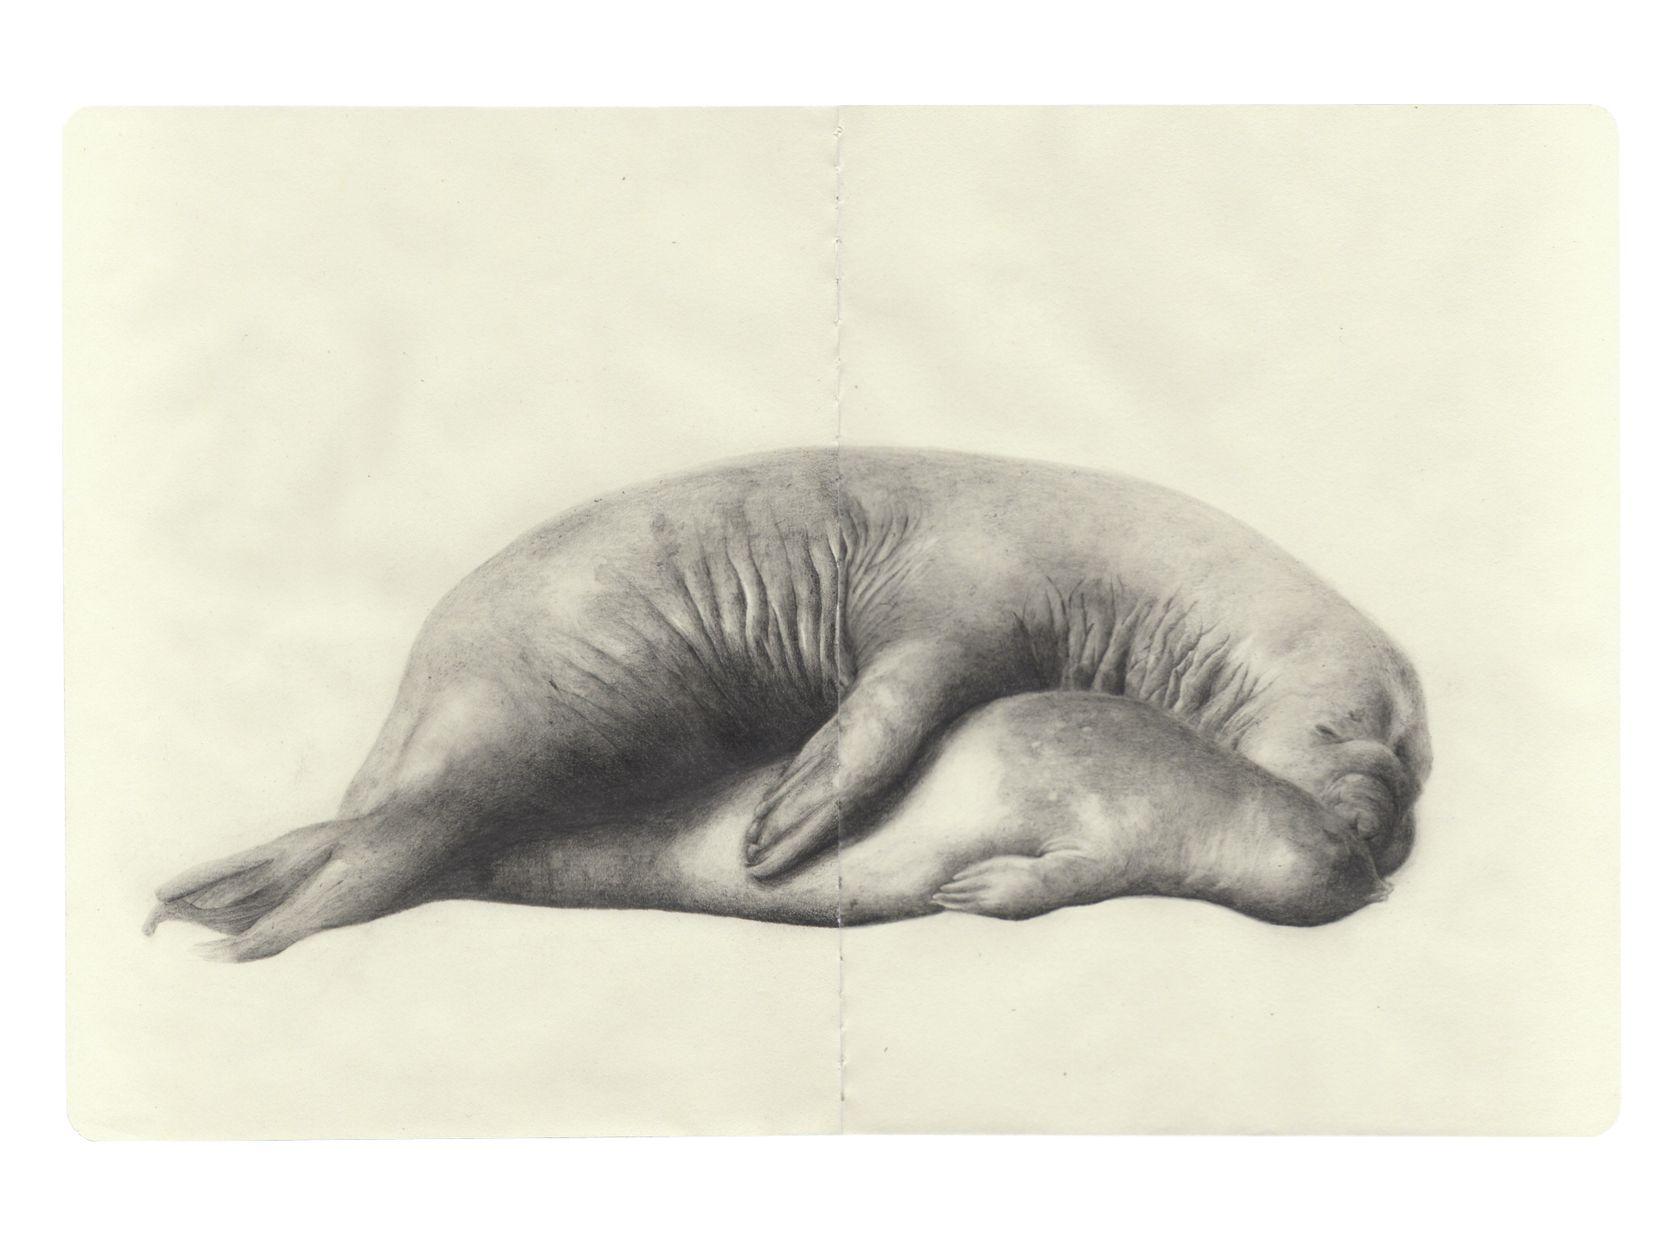 Laurent Le Deunff, Rut (éléphants de mer), 2011 Crayon sur papier Moleskine25 × 38 cm / 9 7/8 × 15  in.